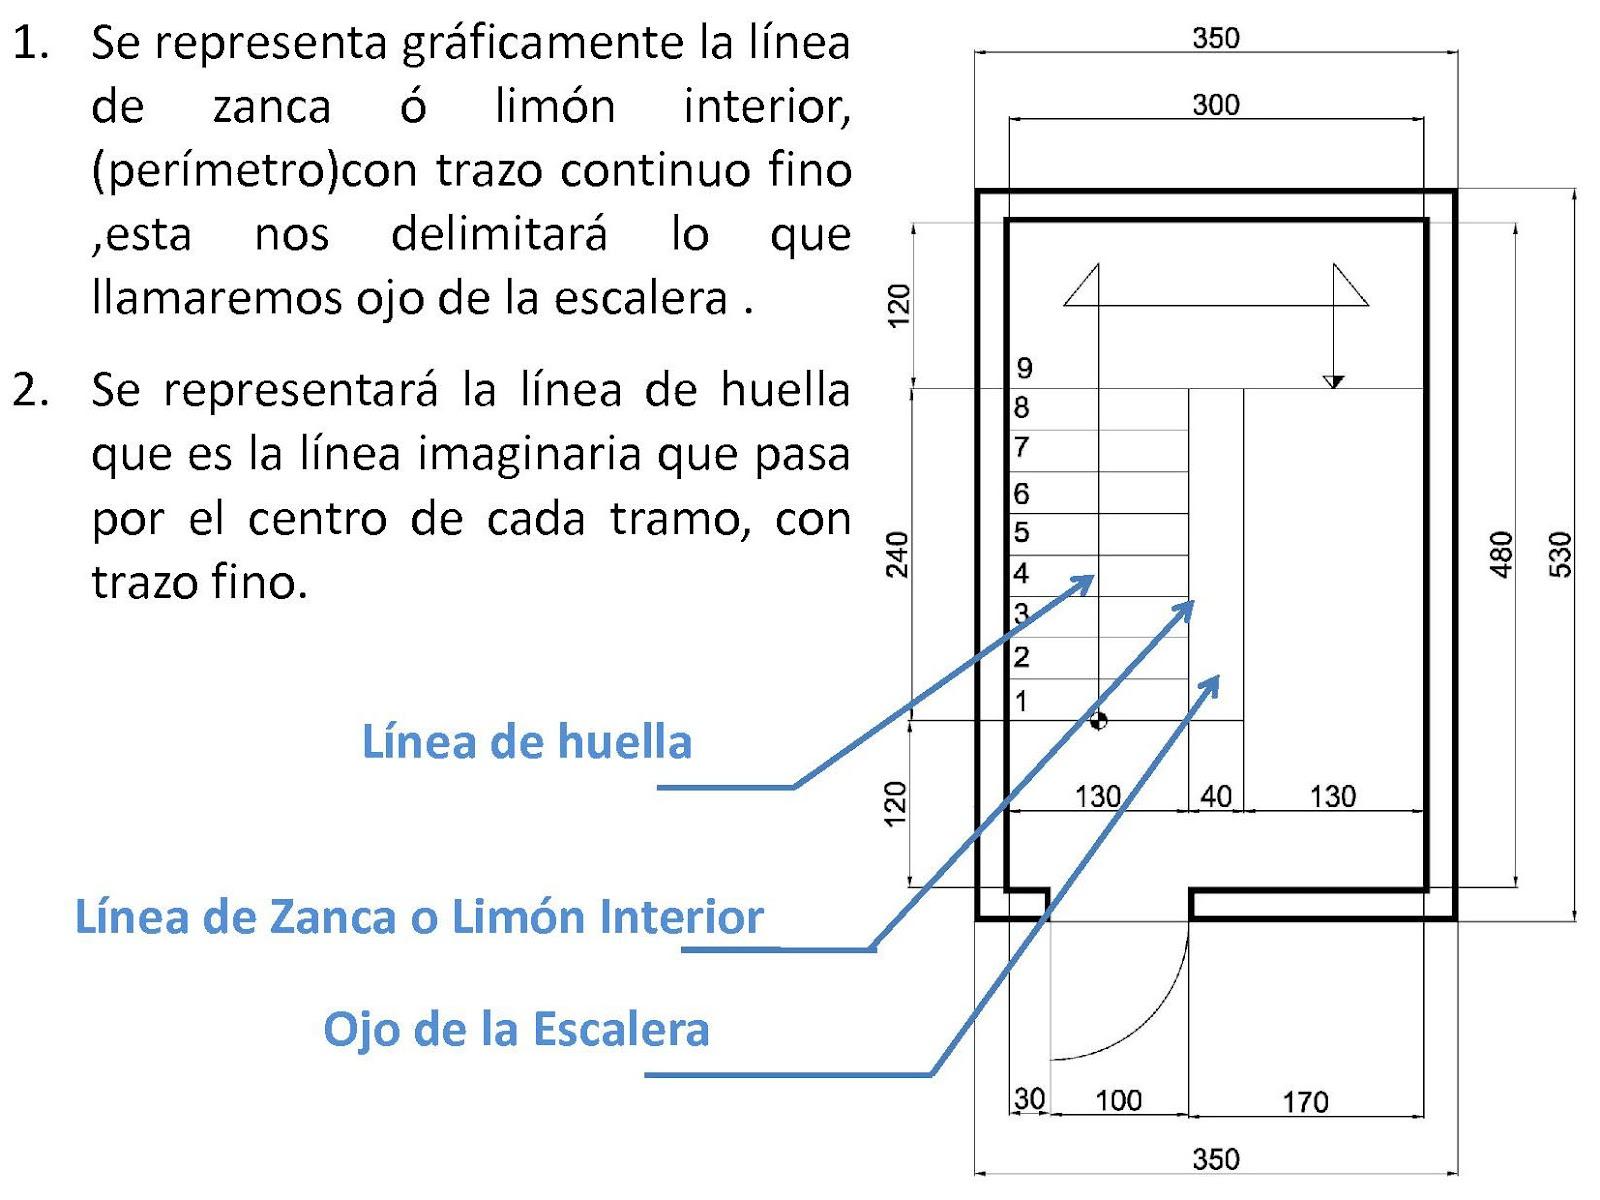 Ciclos formativos representaci n grafica de escalera 1 for Que es una escalera